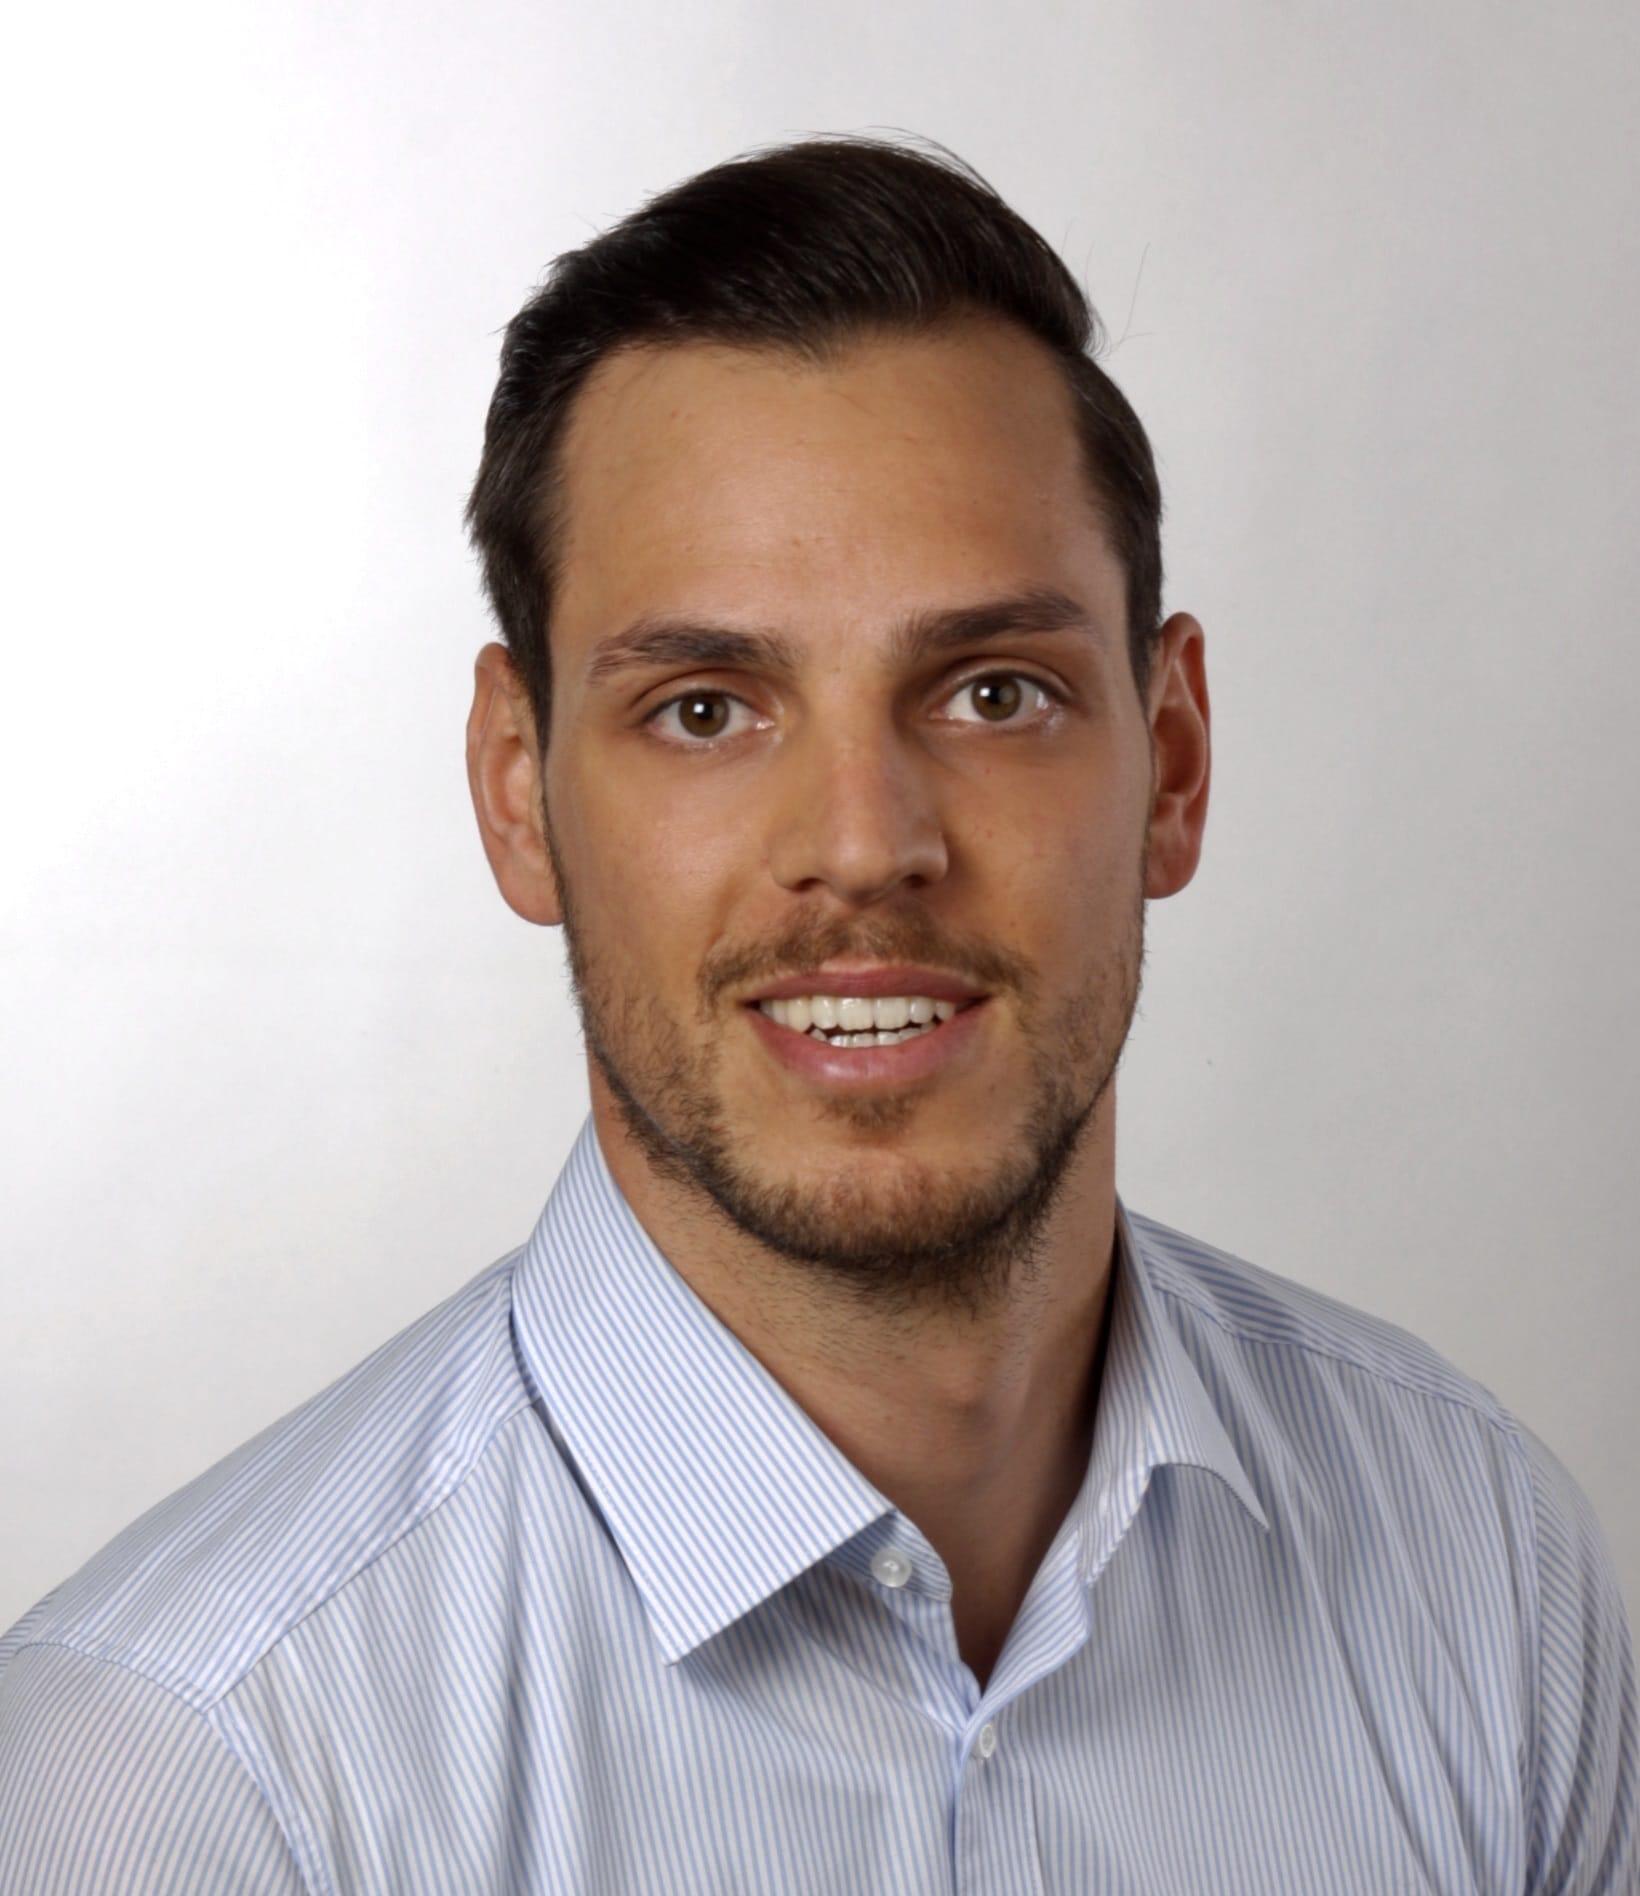 Profilbild_Alexander Neumaier